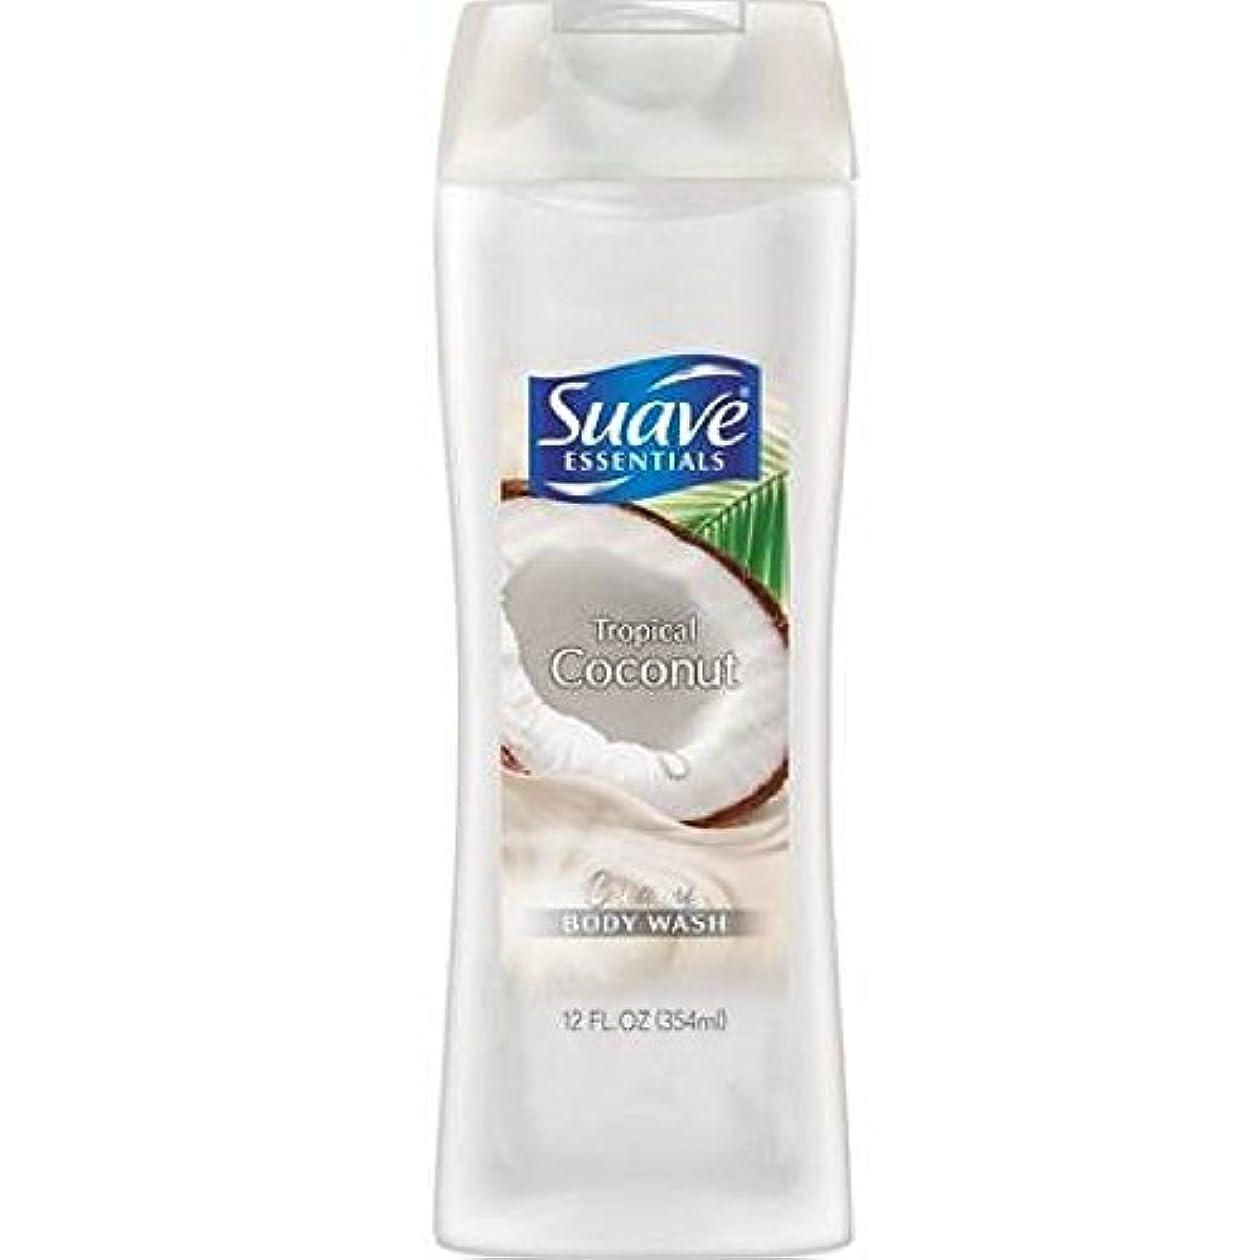 備品アコー系譜Suave Naturals Body Wash - Tropical Coconut - 12 oz - 2 pk by Suave [並行輸入品]